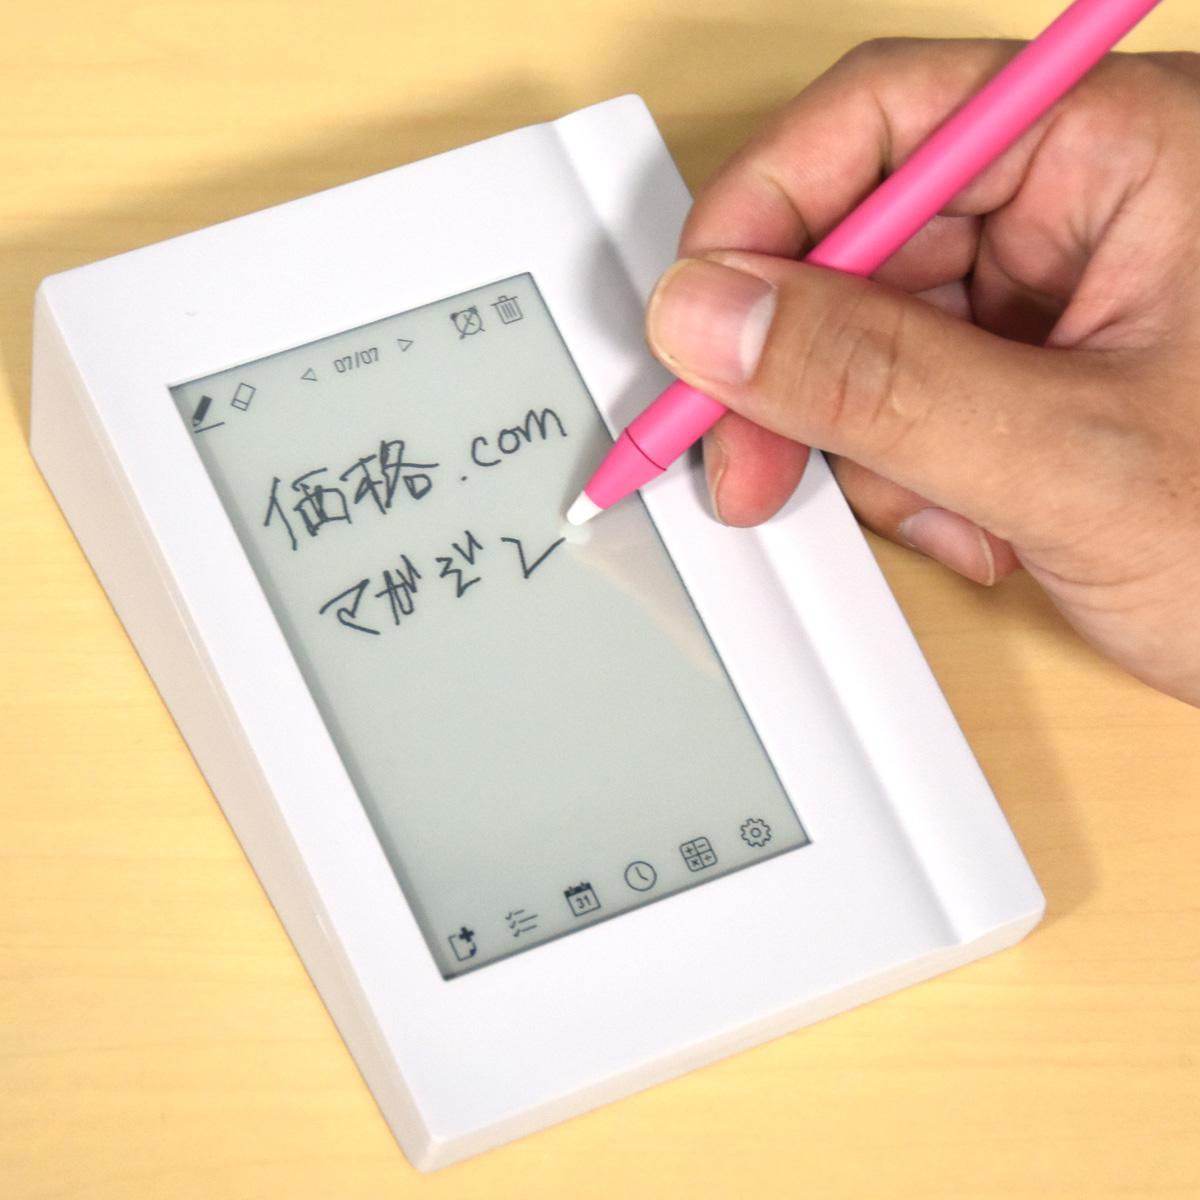 世の中に問う! やり忘れを防ぐアラーム付き電子メモ機、製品化なるか